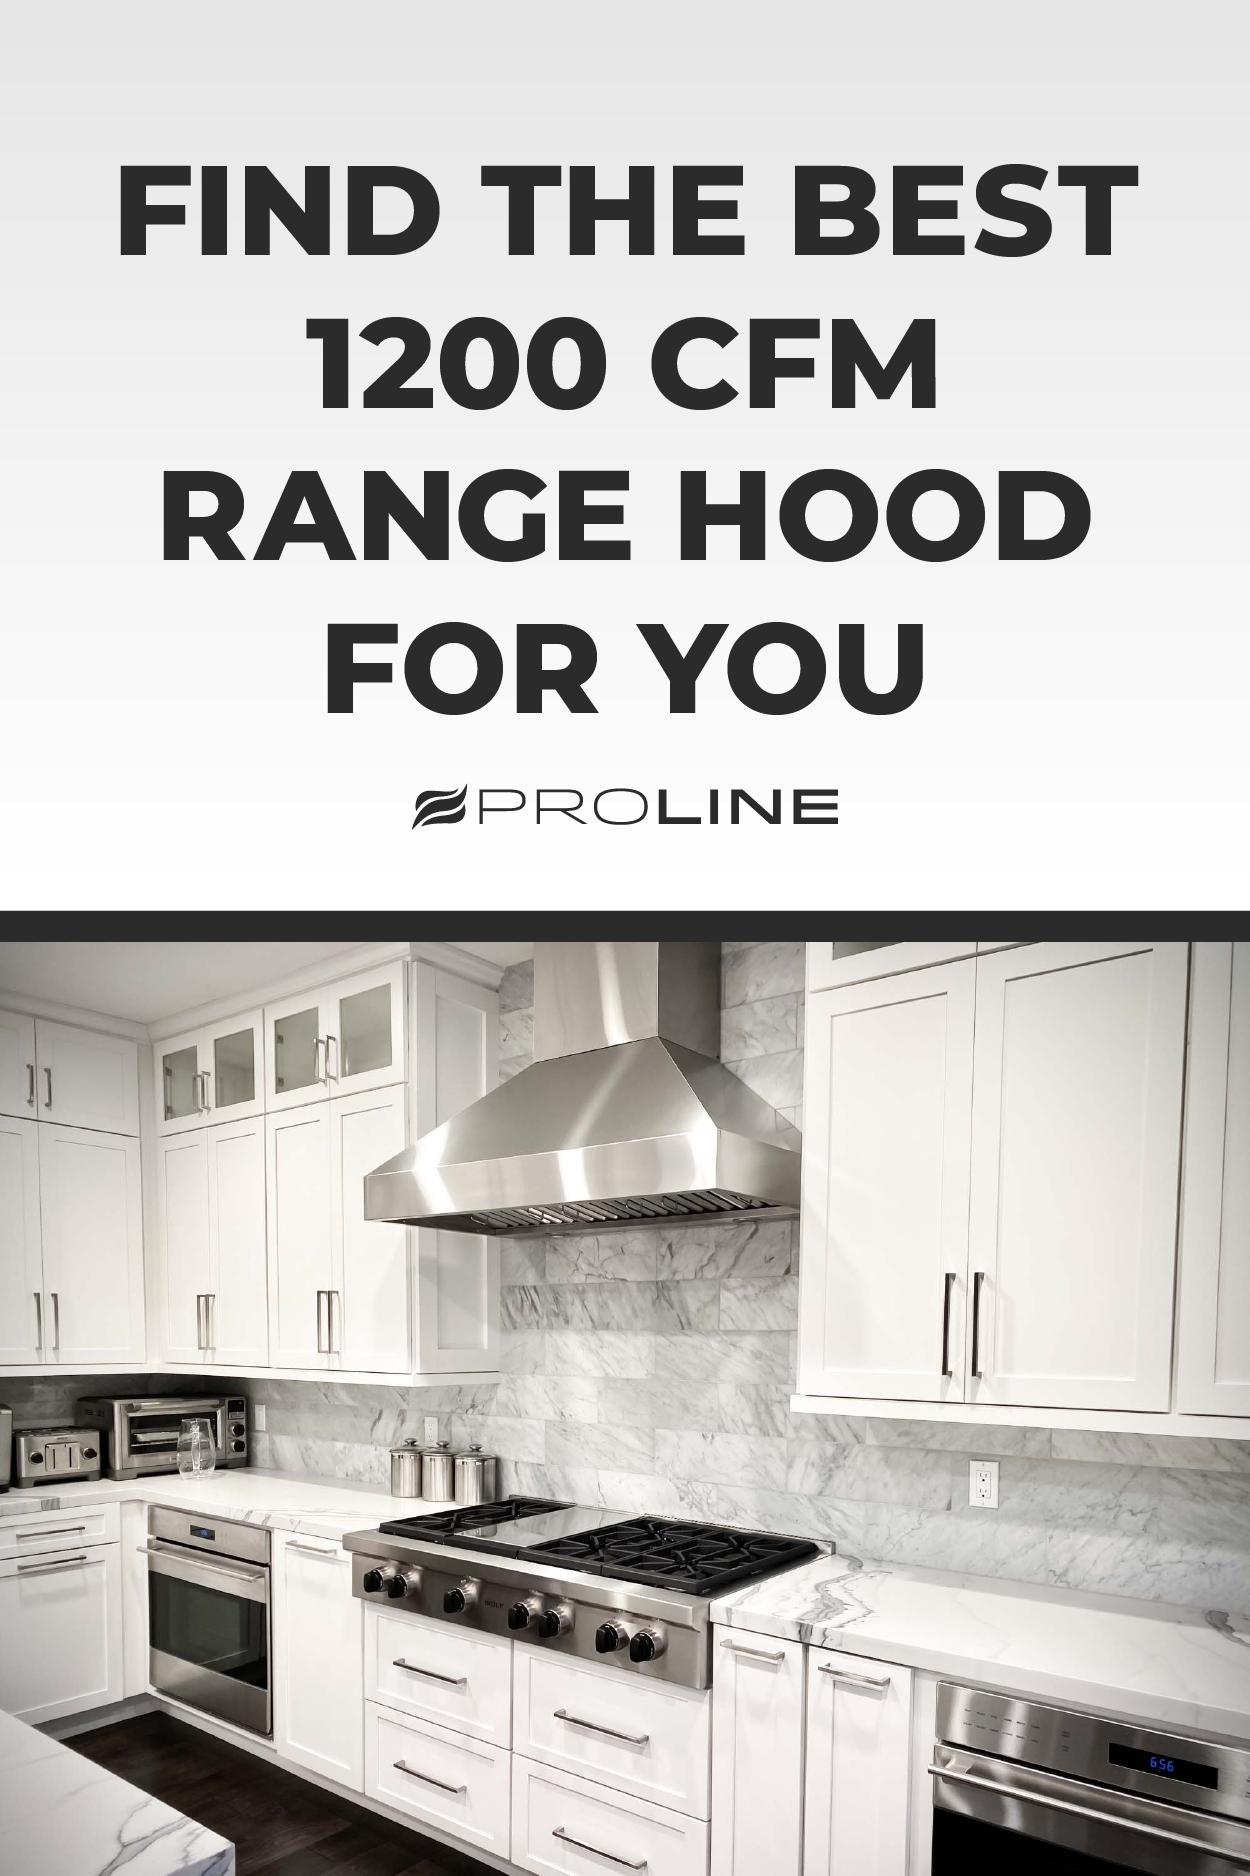 Find The Best 1200 Cfm Range Hood For You Range Hood Range Hoods Kitchen Inspirations